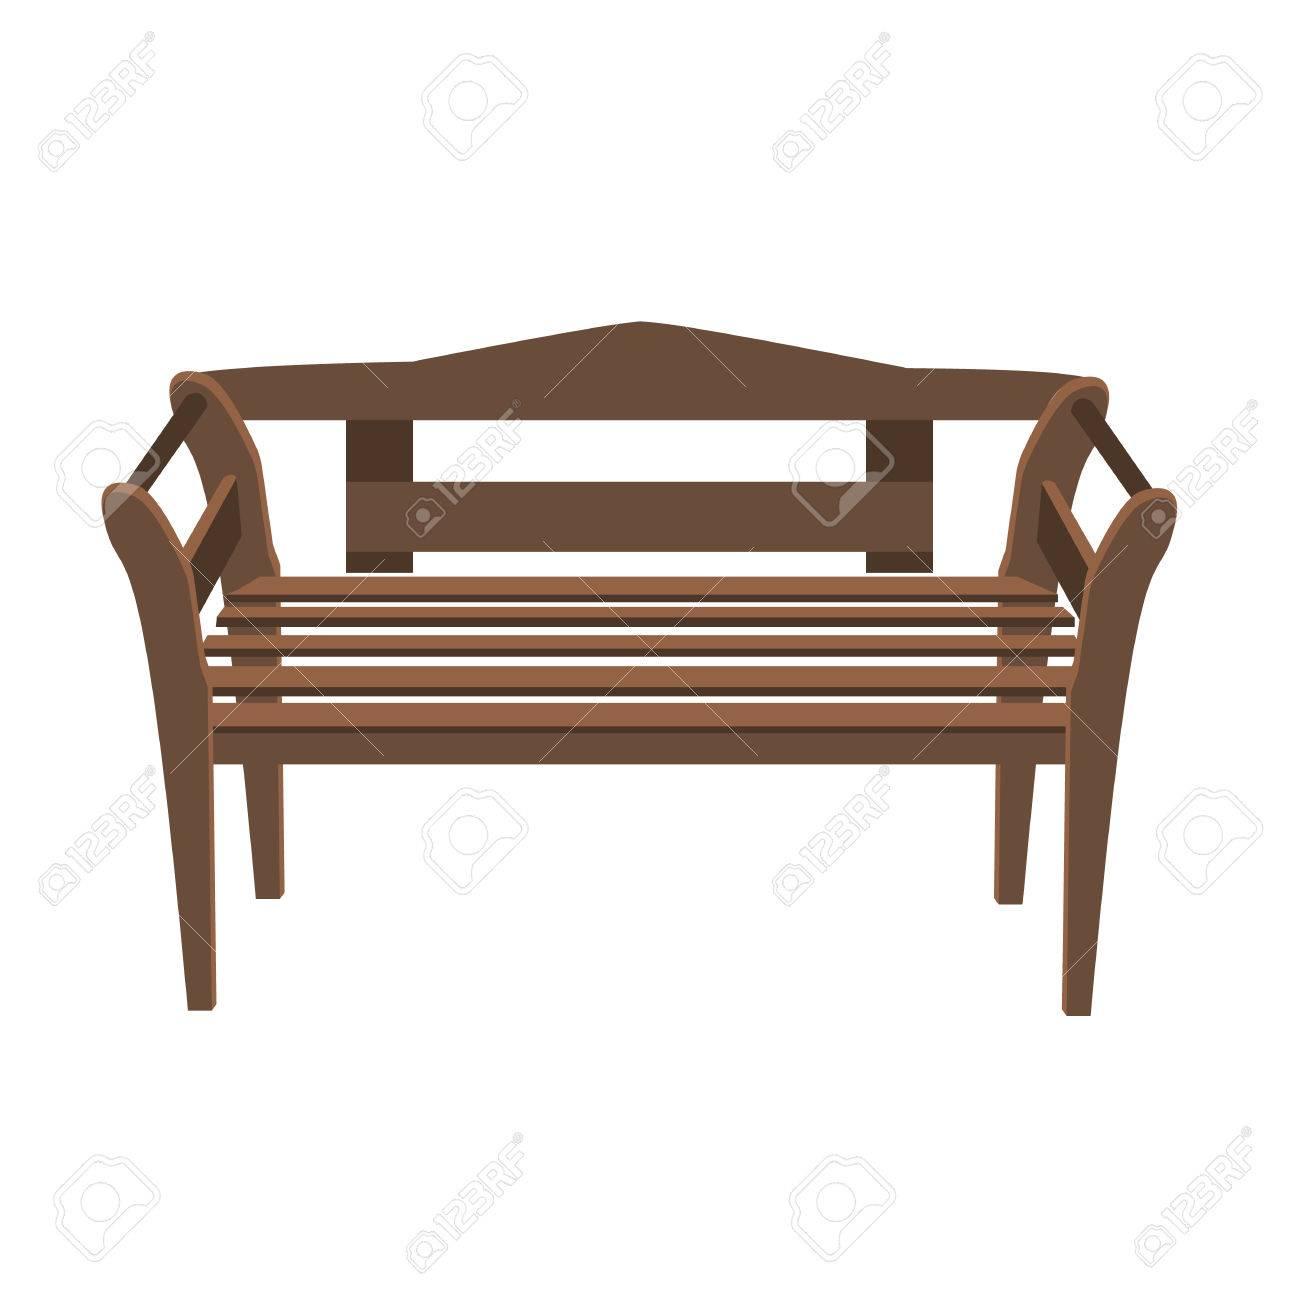 Banc de parc isolé sur un fond blanc. Version Bench illustration. Banc en bois.